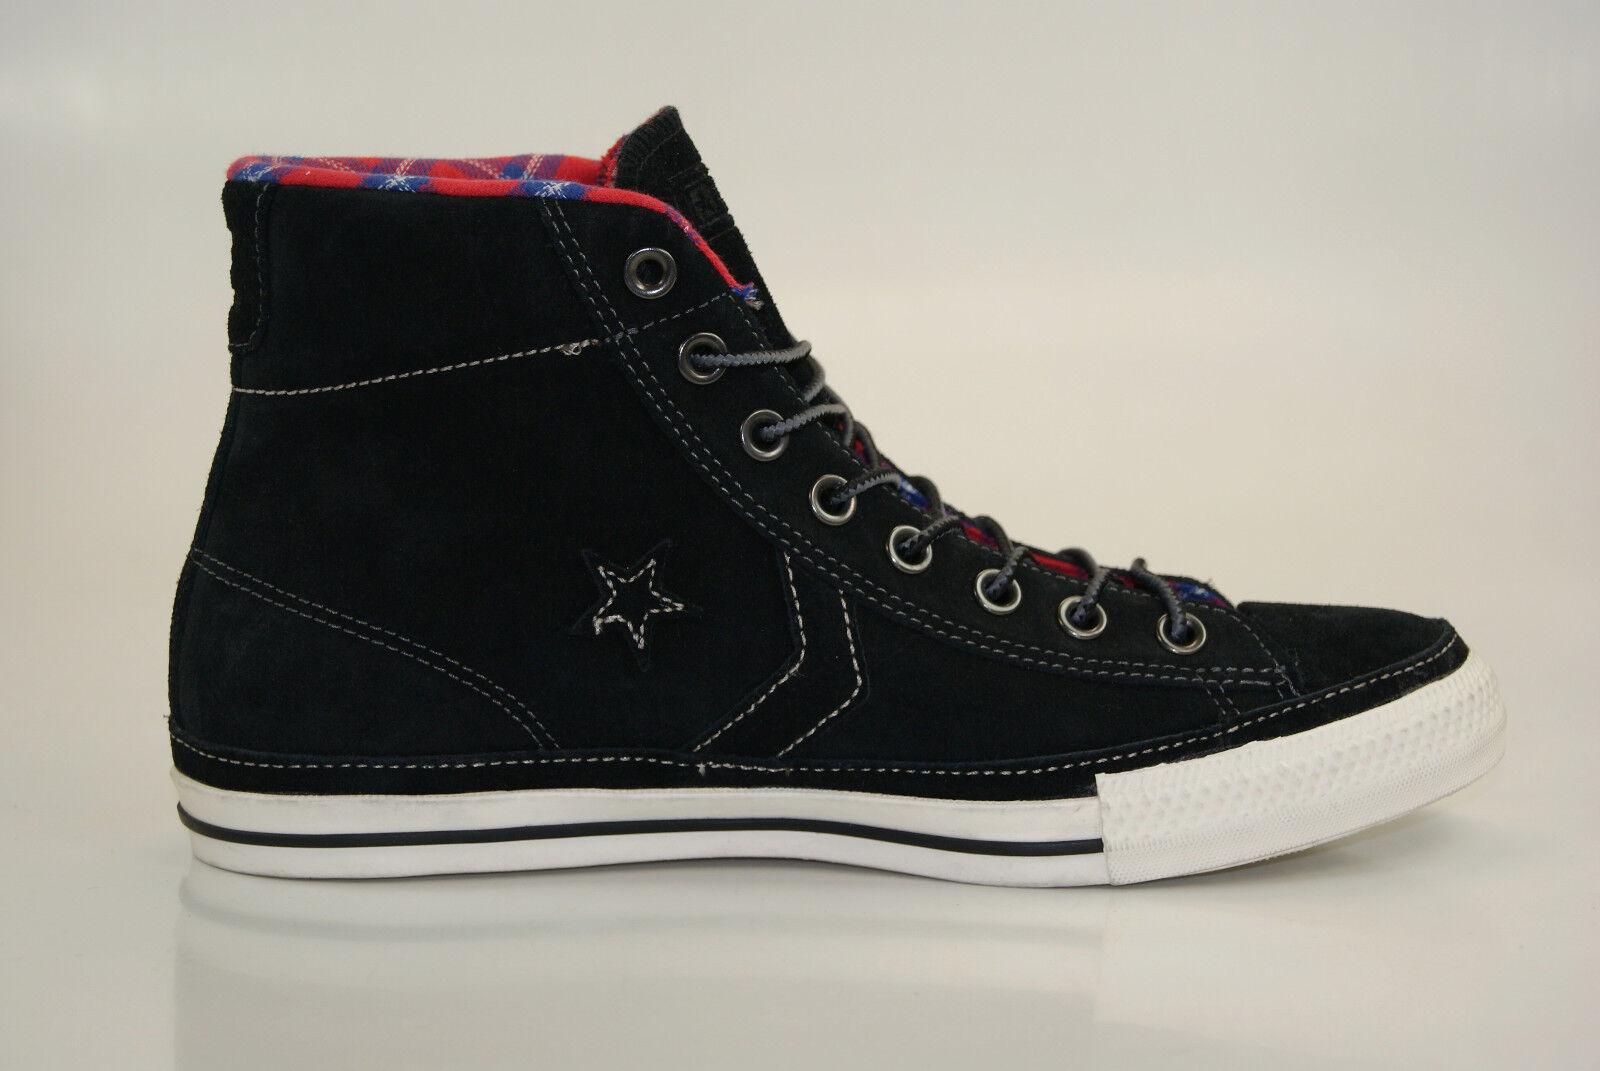 Converse Star Player Mid Boots Chucks Sneakers Herren Damen Schnürschuhe 119066